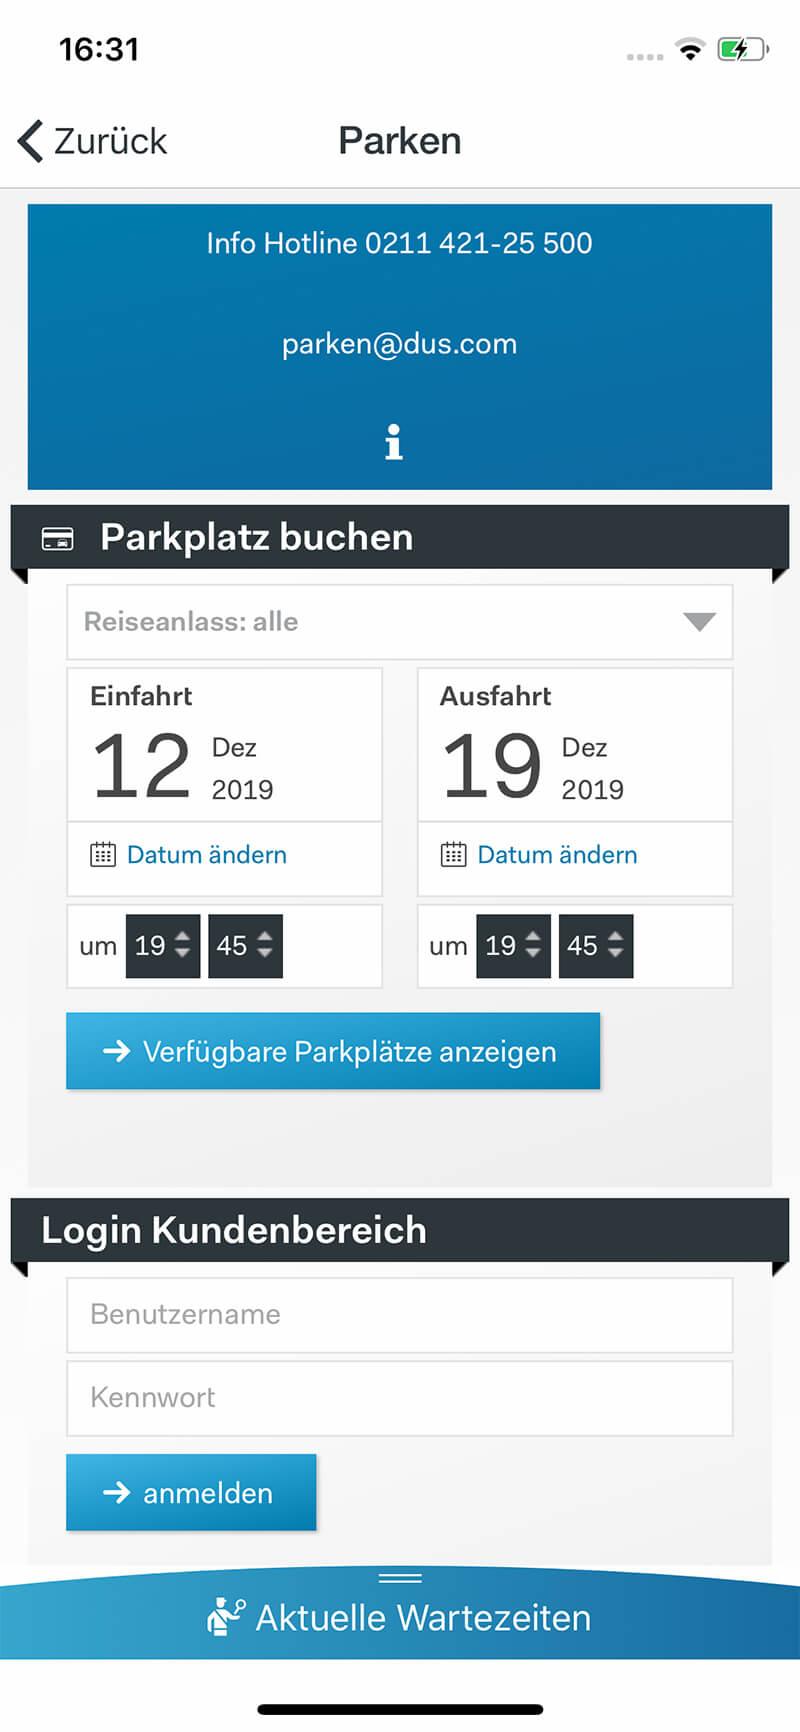 Screenshot DUS-App, Parken